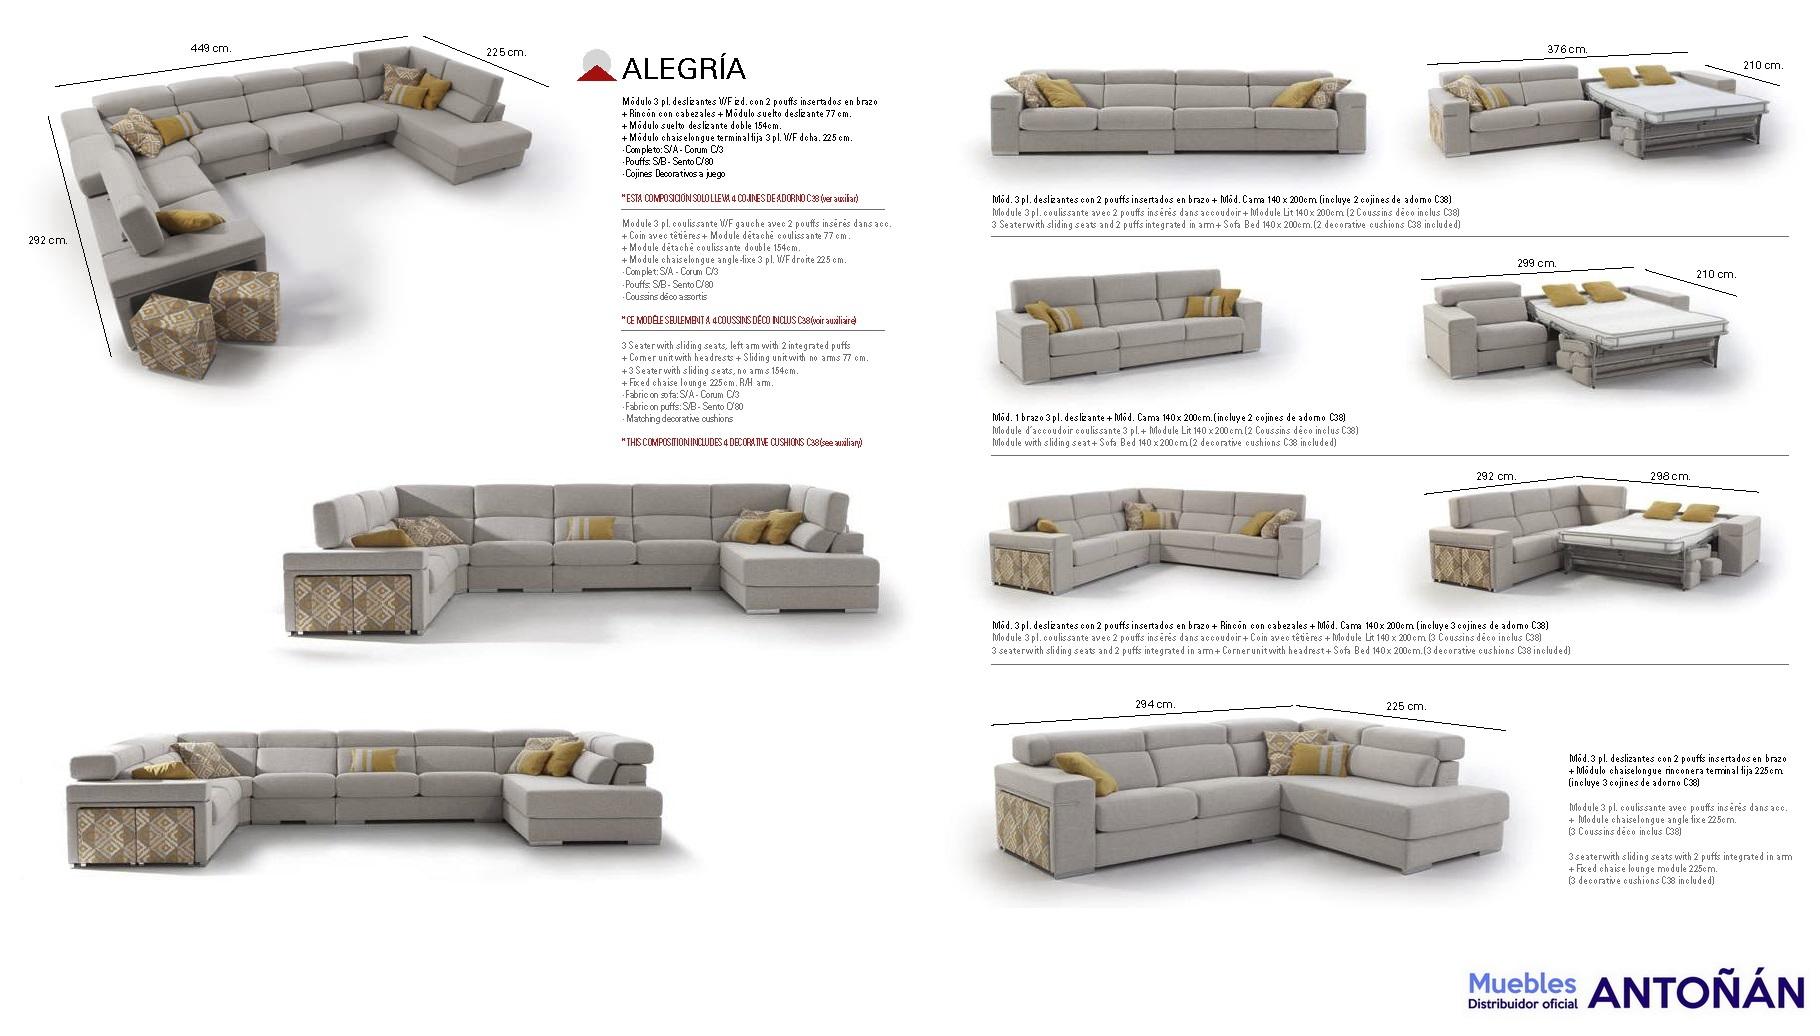 MEDIDAS Sofá Rinconera Modular ALEGRÍA 03.1 by Mayor Tapizados de venta en muebles antoñán® León